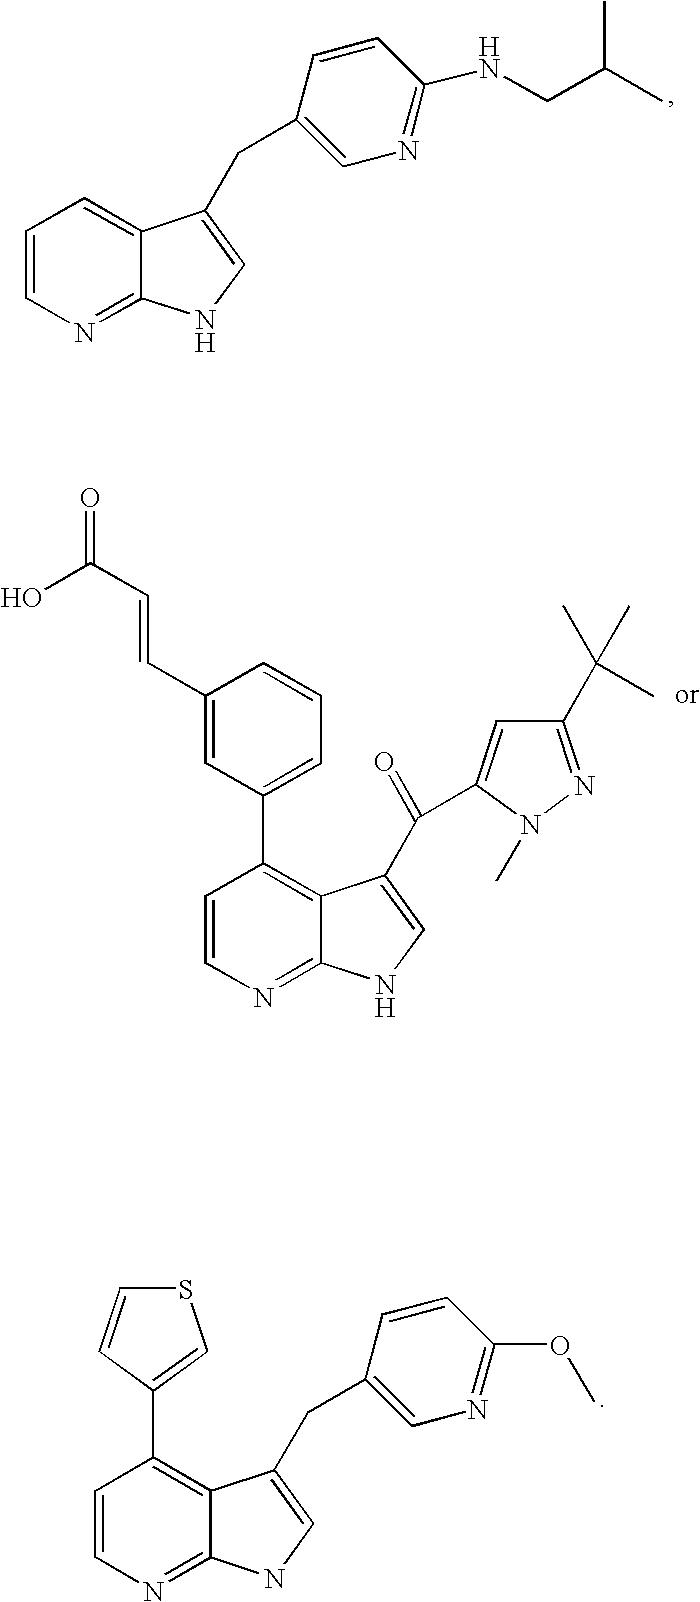 Figure US07893075-20110222-C00004